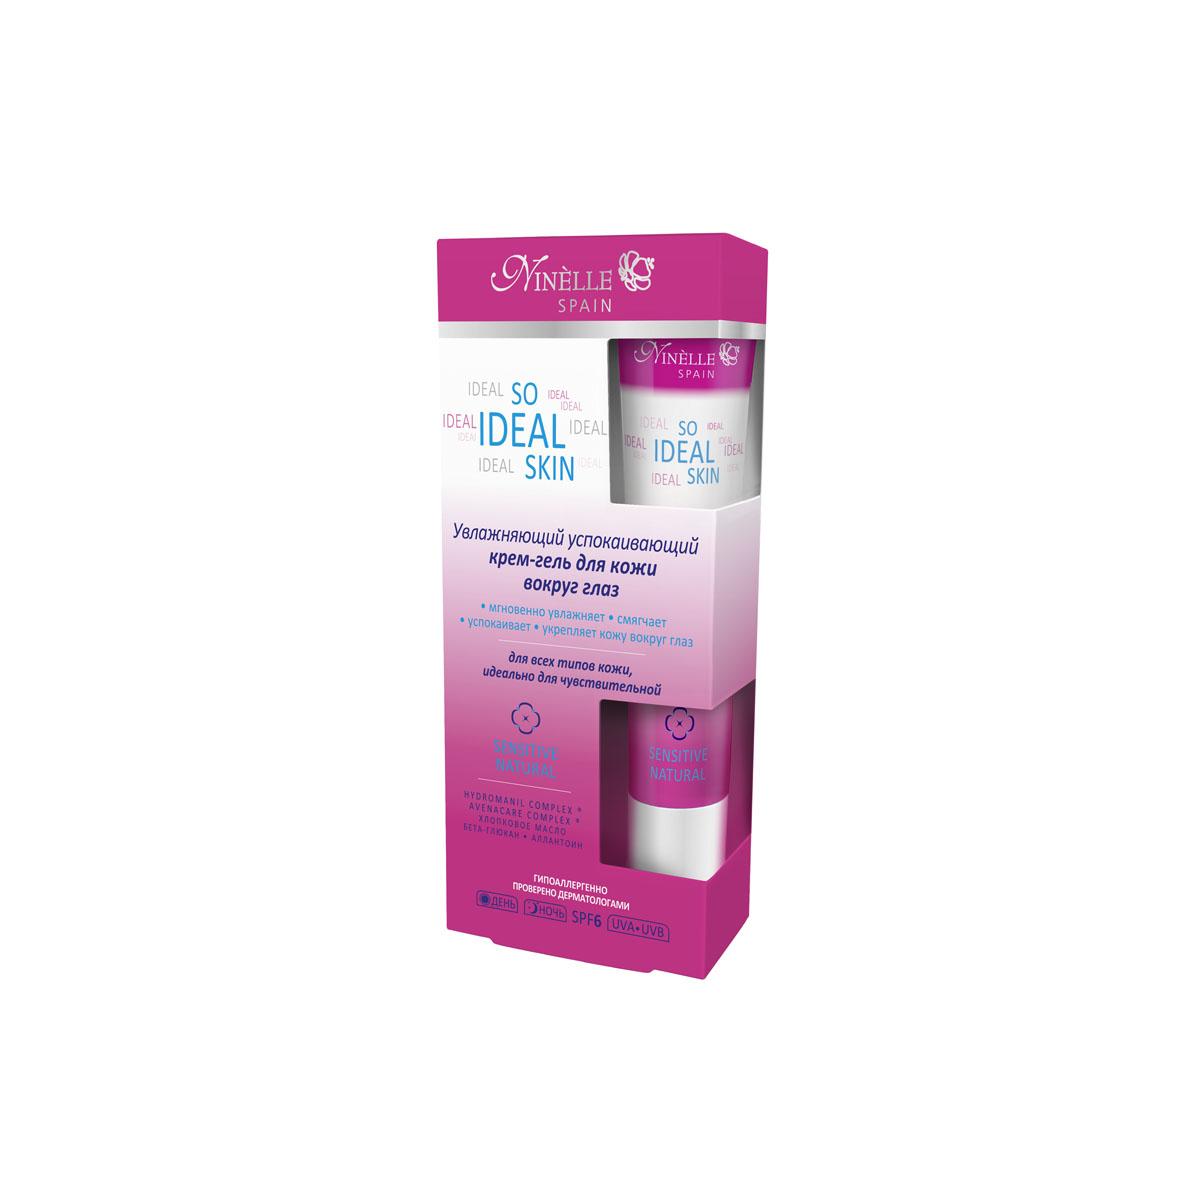 Ninelle So Ideal Skin Увлажняющий успокаивающий крем-гель для кожи вокруг глаз, 15 мл1075N10784Созданный на основе специально разработанной формулы крем-гель для кожи вокруг глаз серии SO IDEAL SKIN эффективно увлажняет кожу контура глаз и помогает снять следы усталости. Средство придает коже эластичность, мягкость и свежесть. Устраняет мешки под глазами, темные круги и мелкие морщинки, а также успокаивает. Содержит Hydromanil complex, Avenacare complex, Хлопковое масло, Бета-глюкан, Аллантоин, SPF6, UVA/UVB защита.